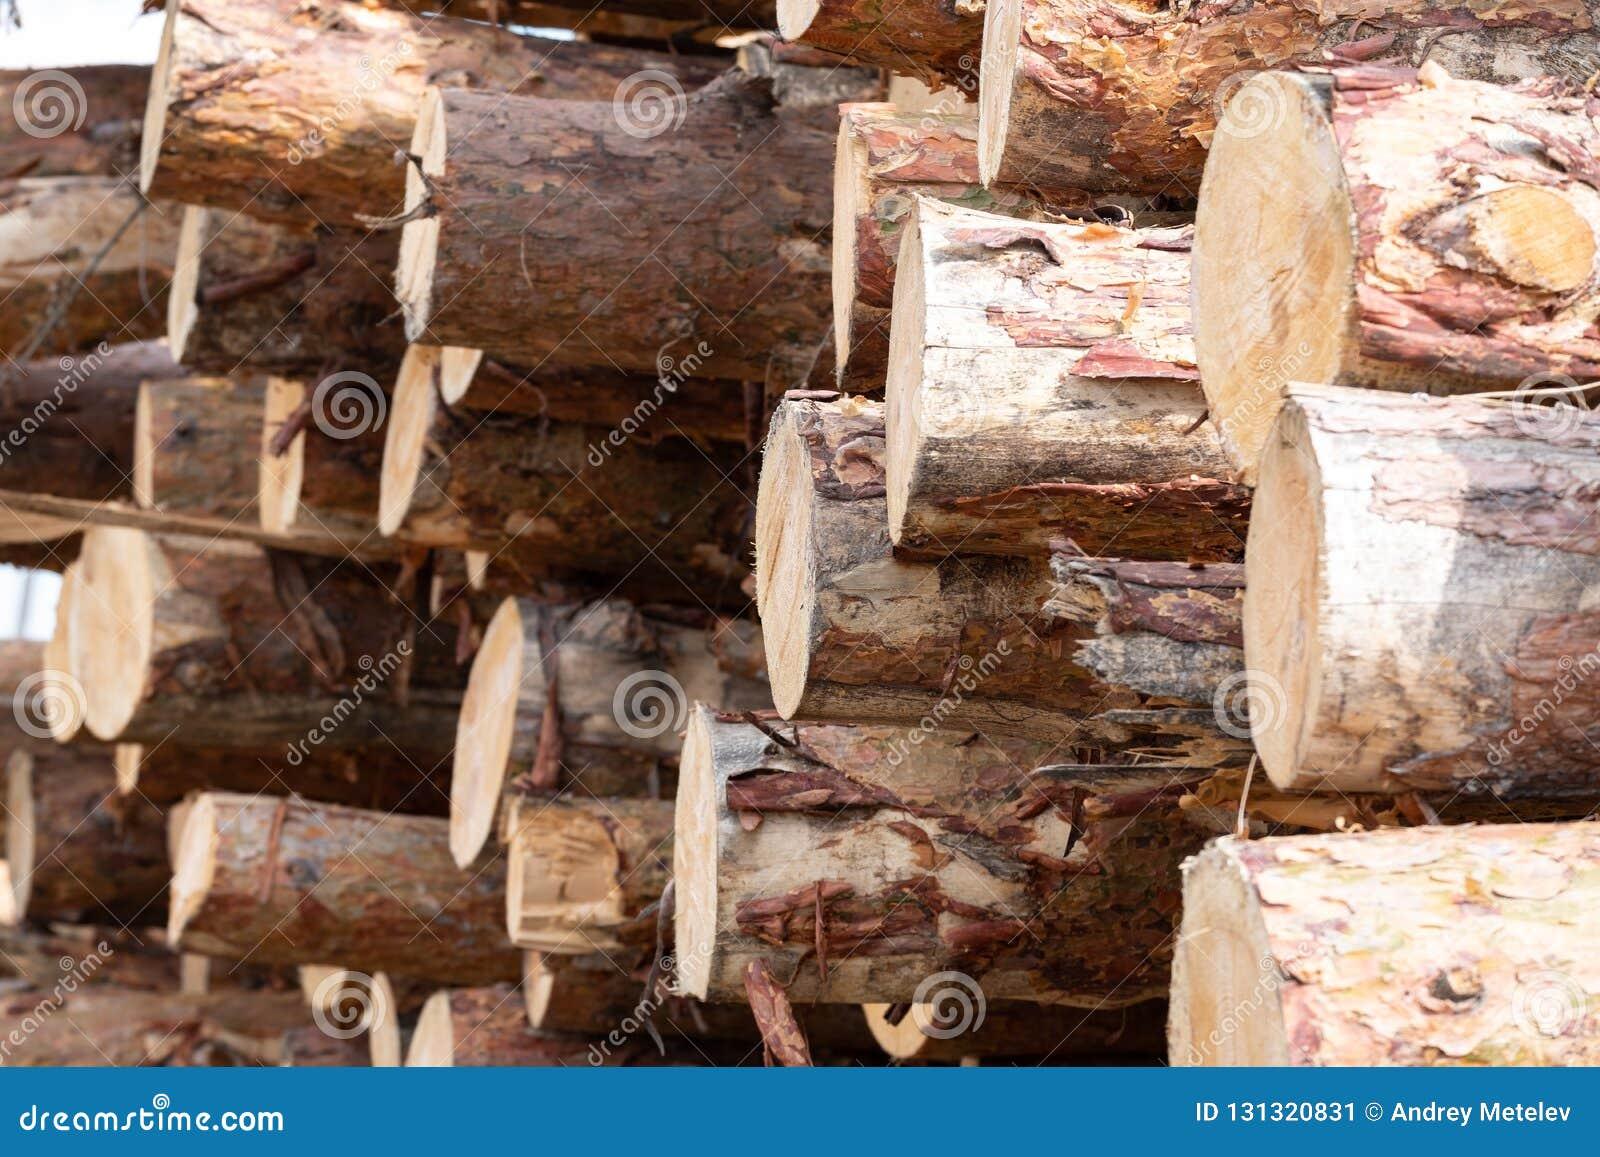 Lagerung von gesägten Kiefern auf dem Schnittbereich, viel angehäufte Kiefer